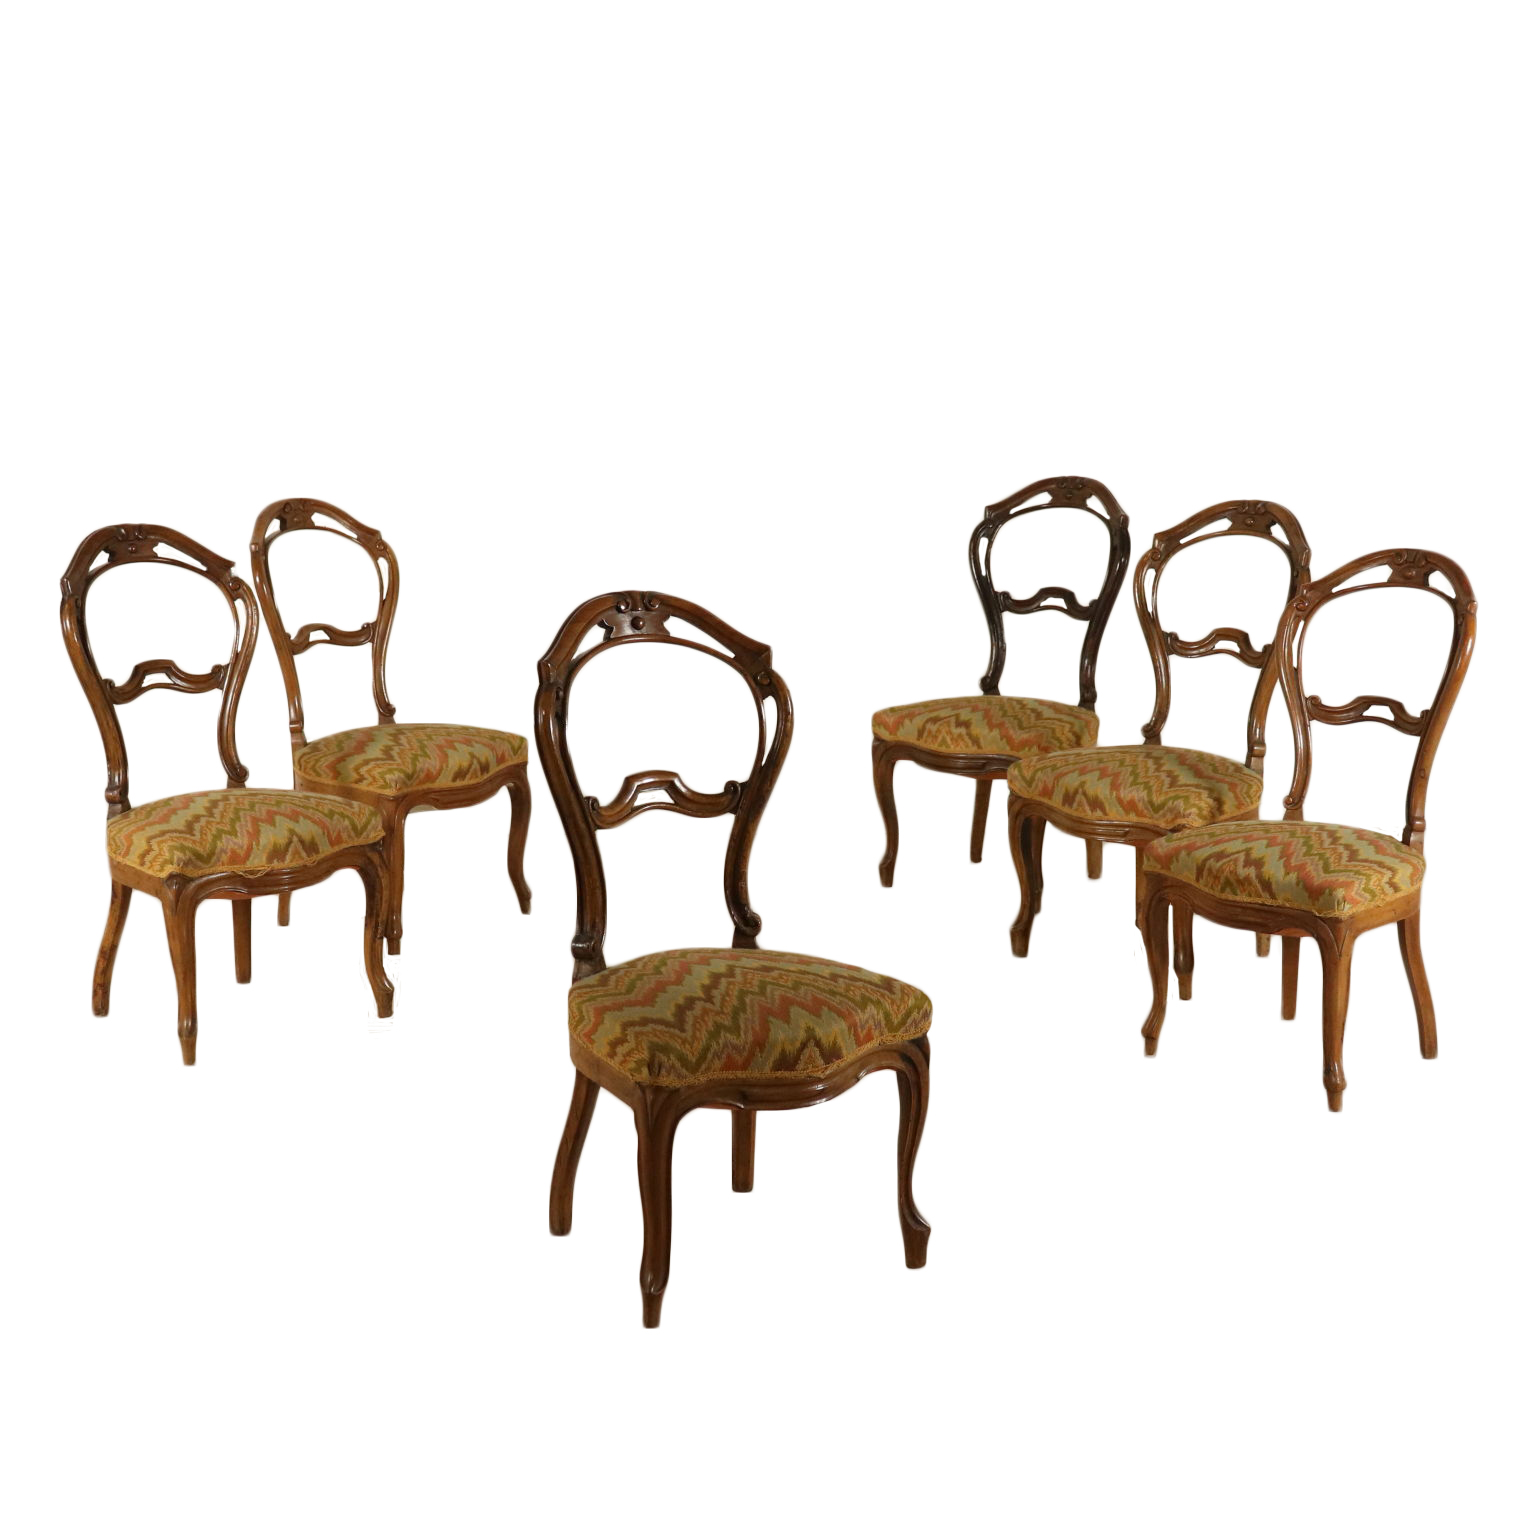 Gruppo di 6 sedie luigi filippo sedie poltrone divani for Poltrone sedie